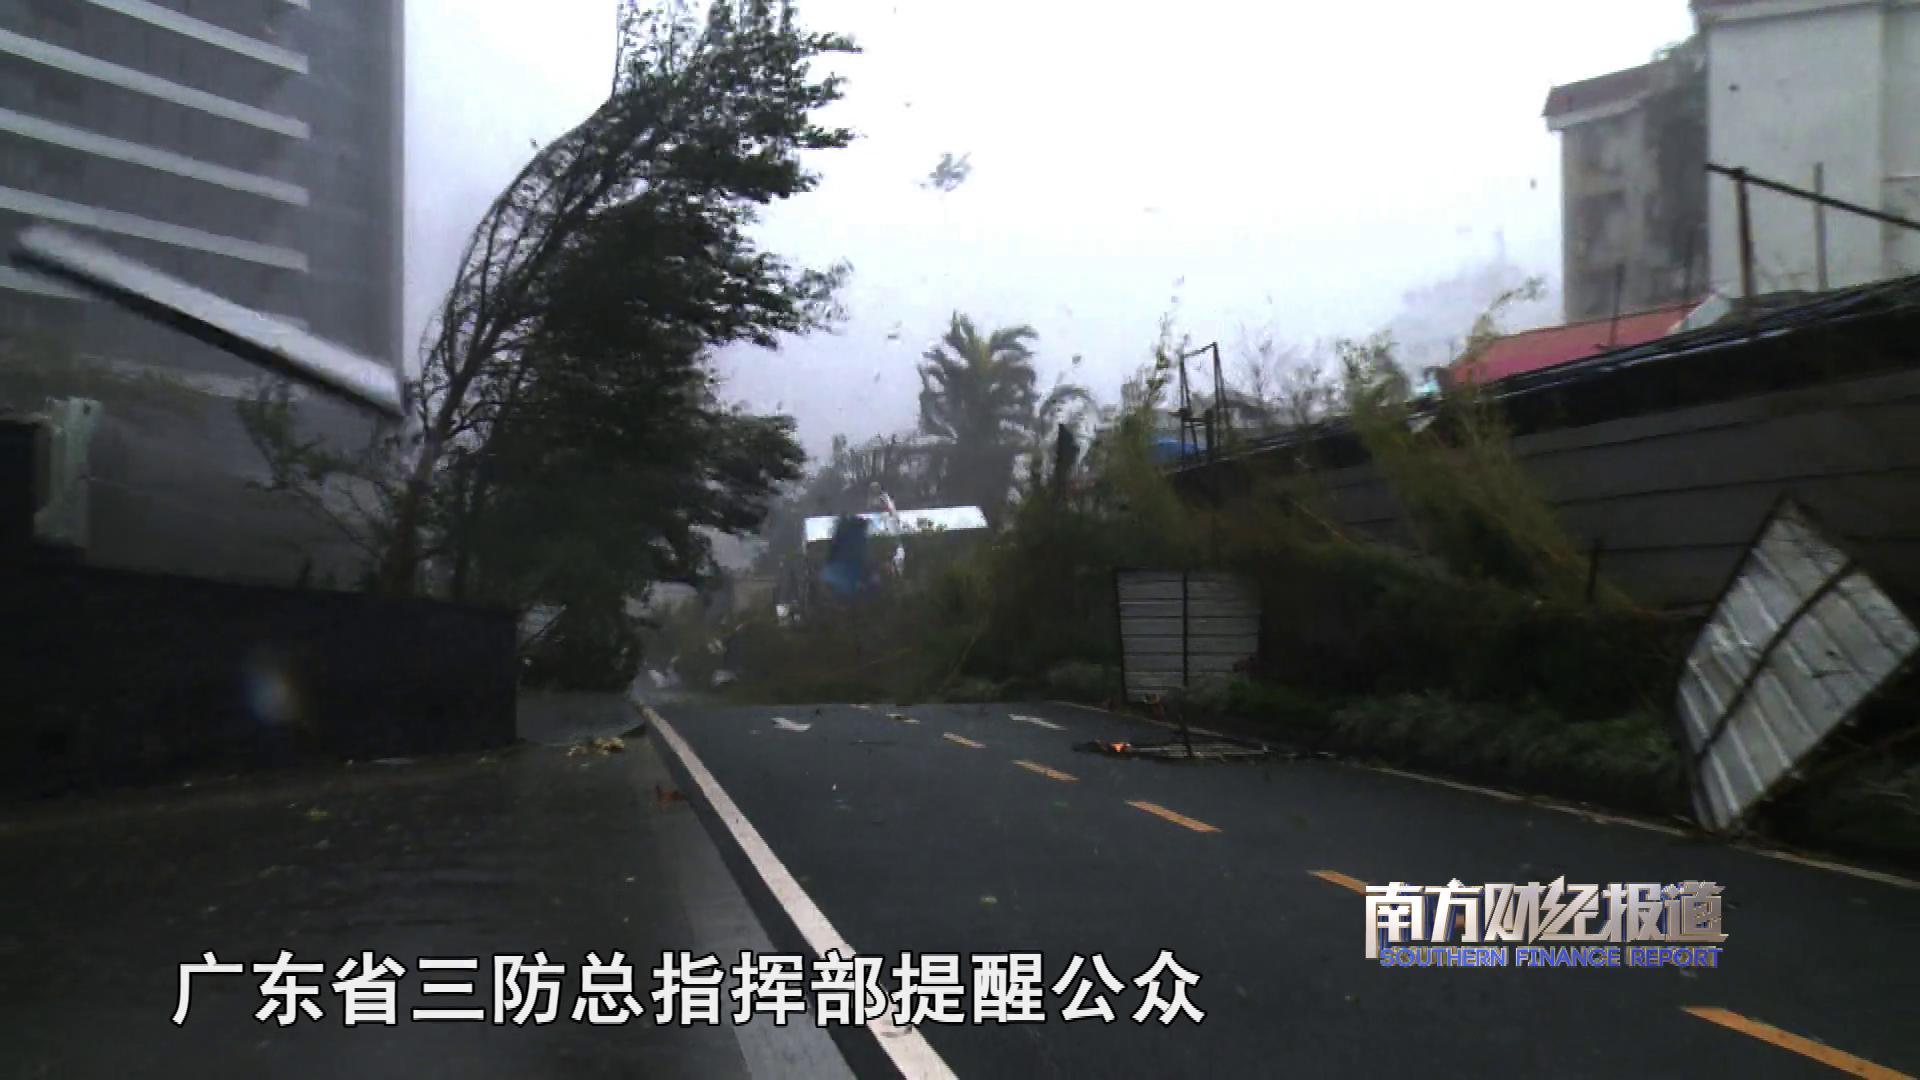 广东省三防提醒公众:敬畏自然 珍惜生命 主动防灾避险